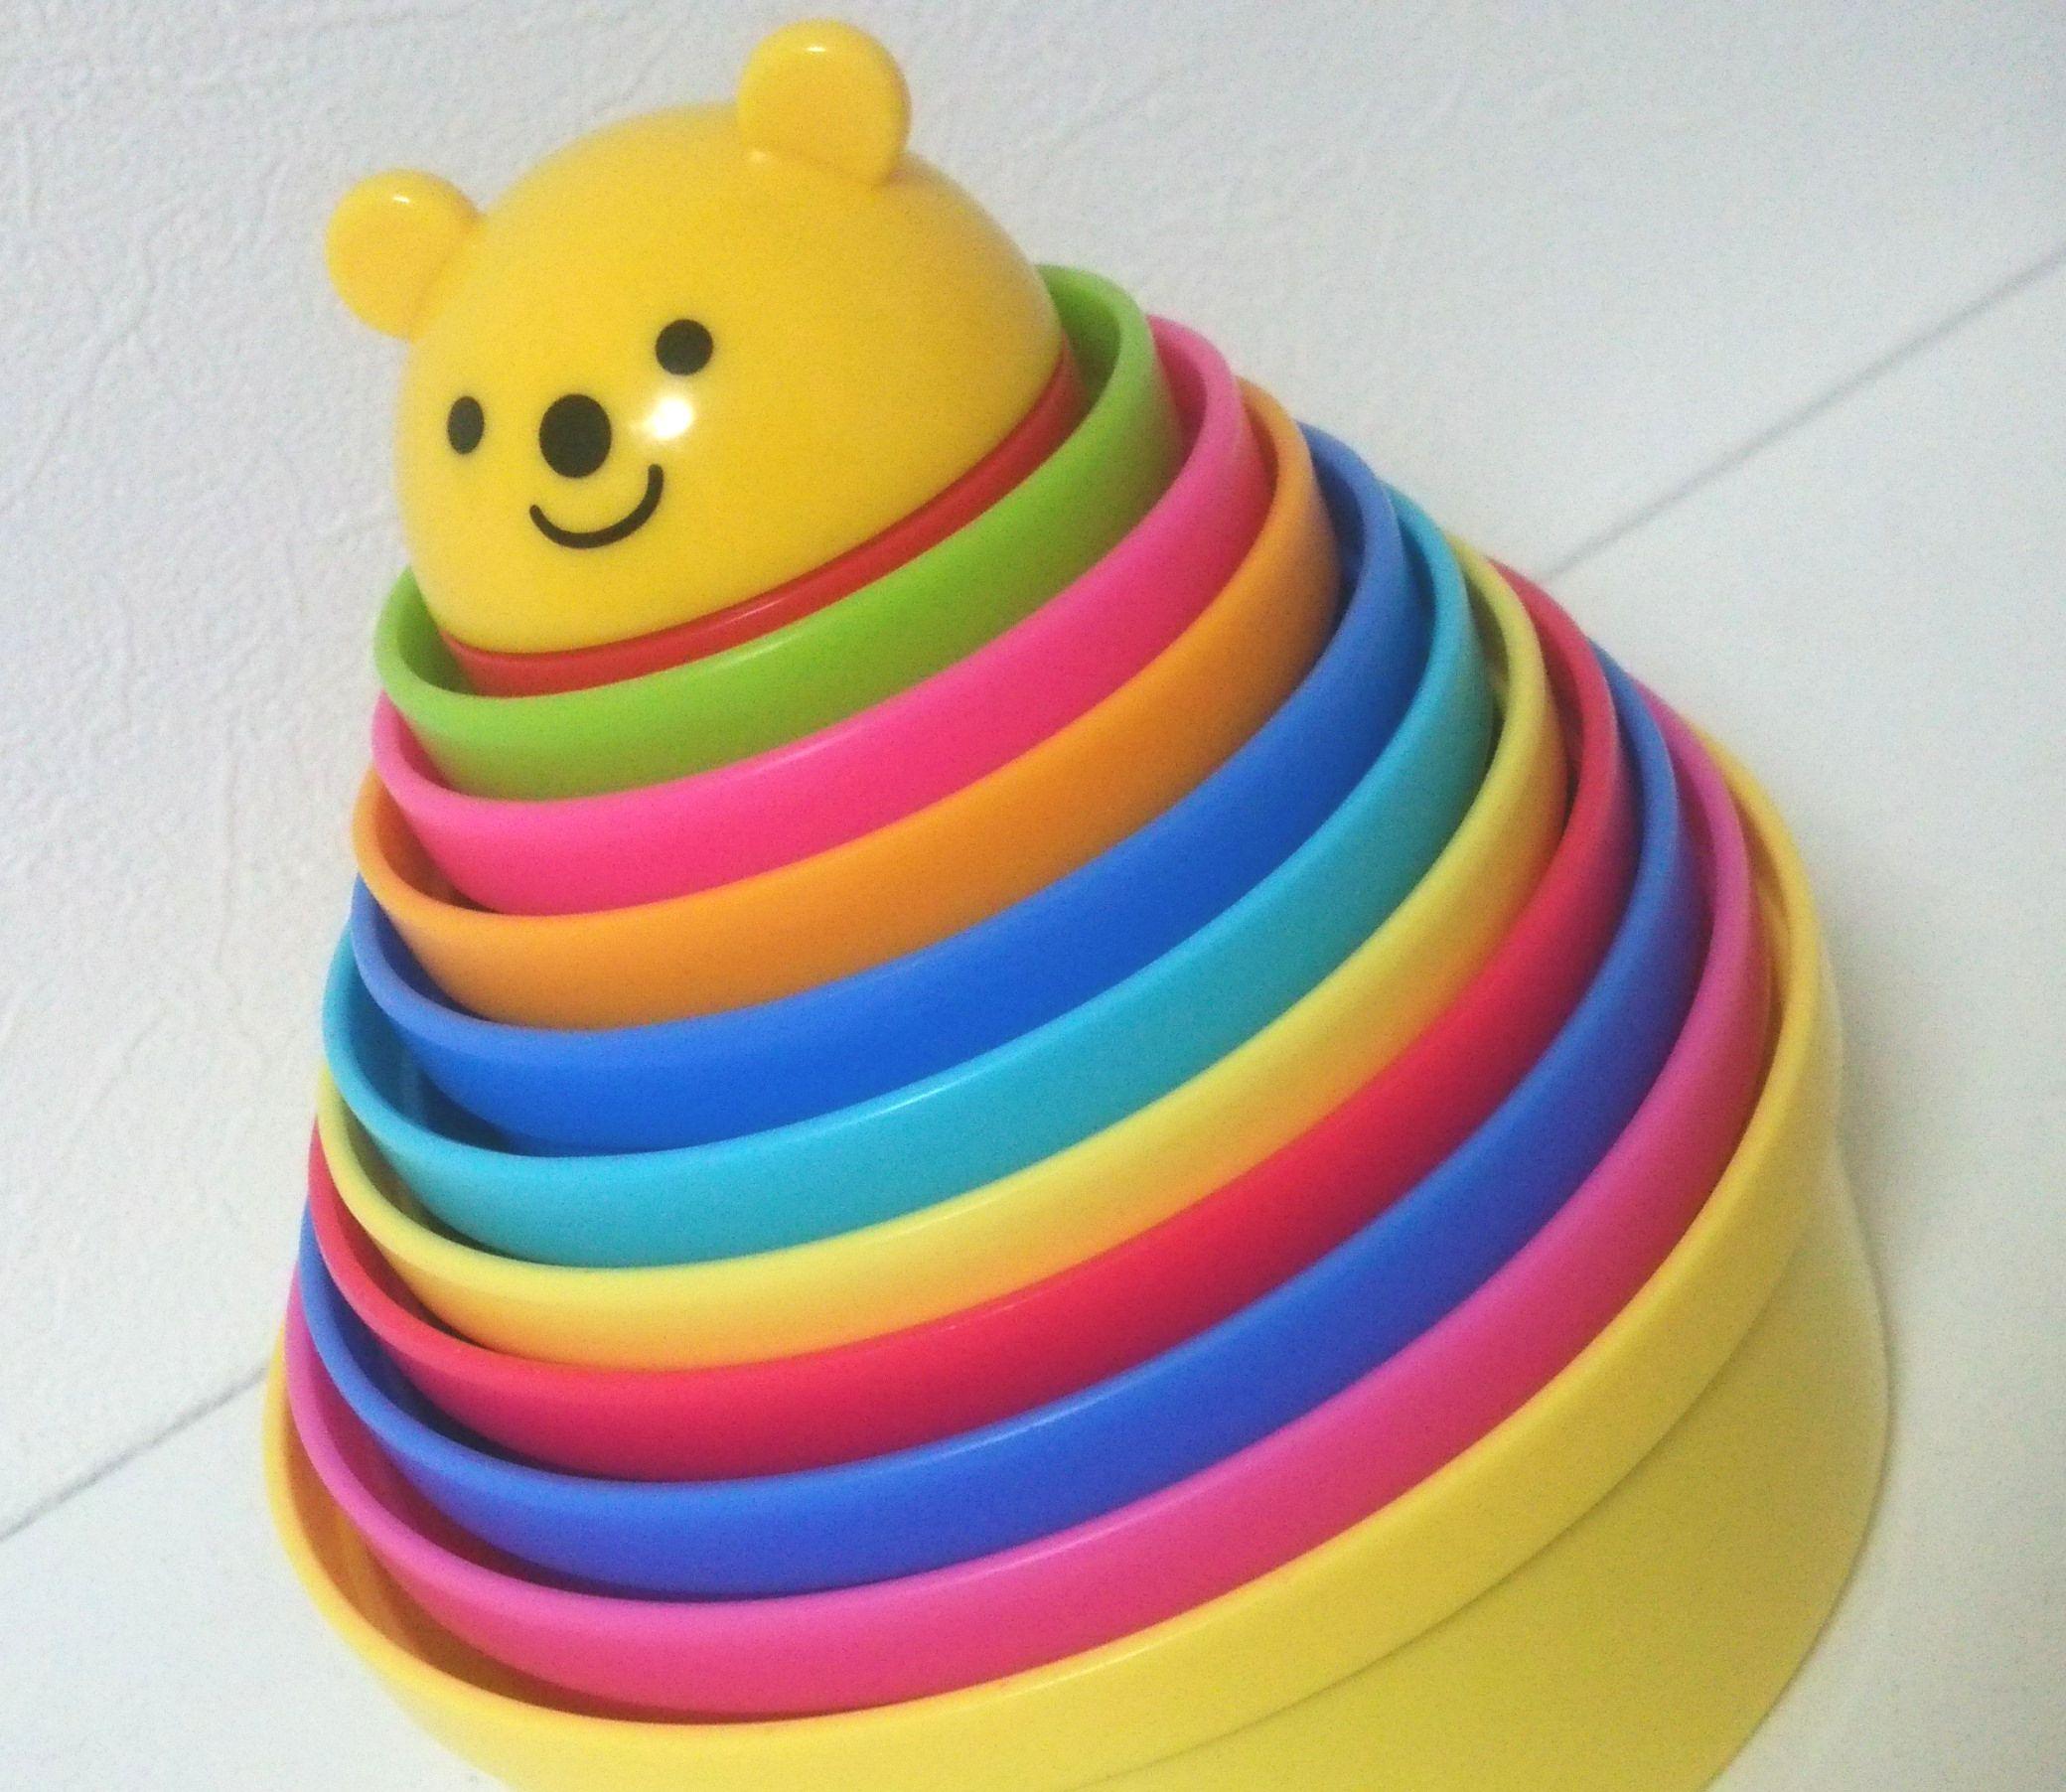 赤ちゃんのおもちゃの定番『コップがさね』は、3歳以降も「大小の比較」の教材として使える